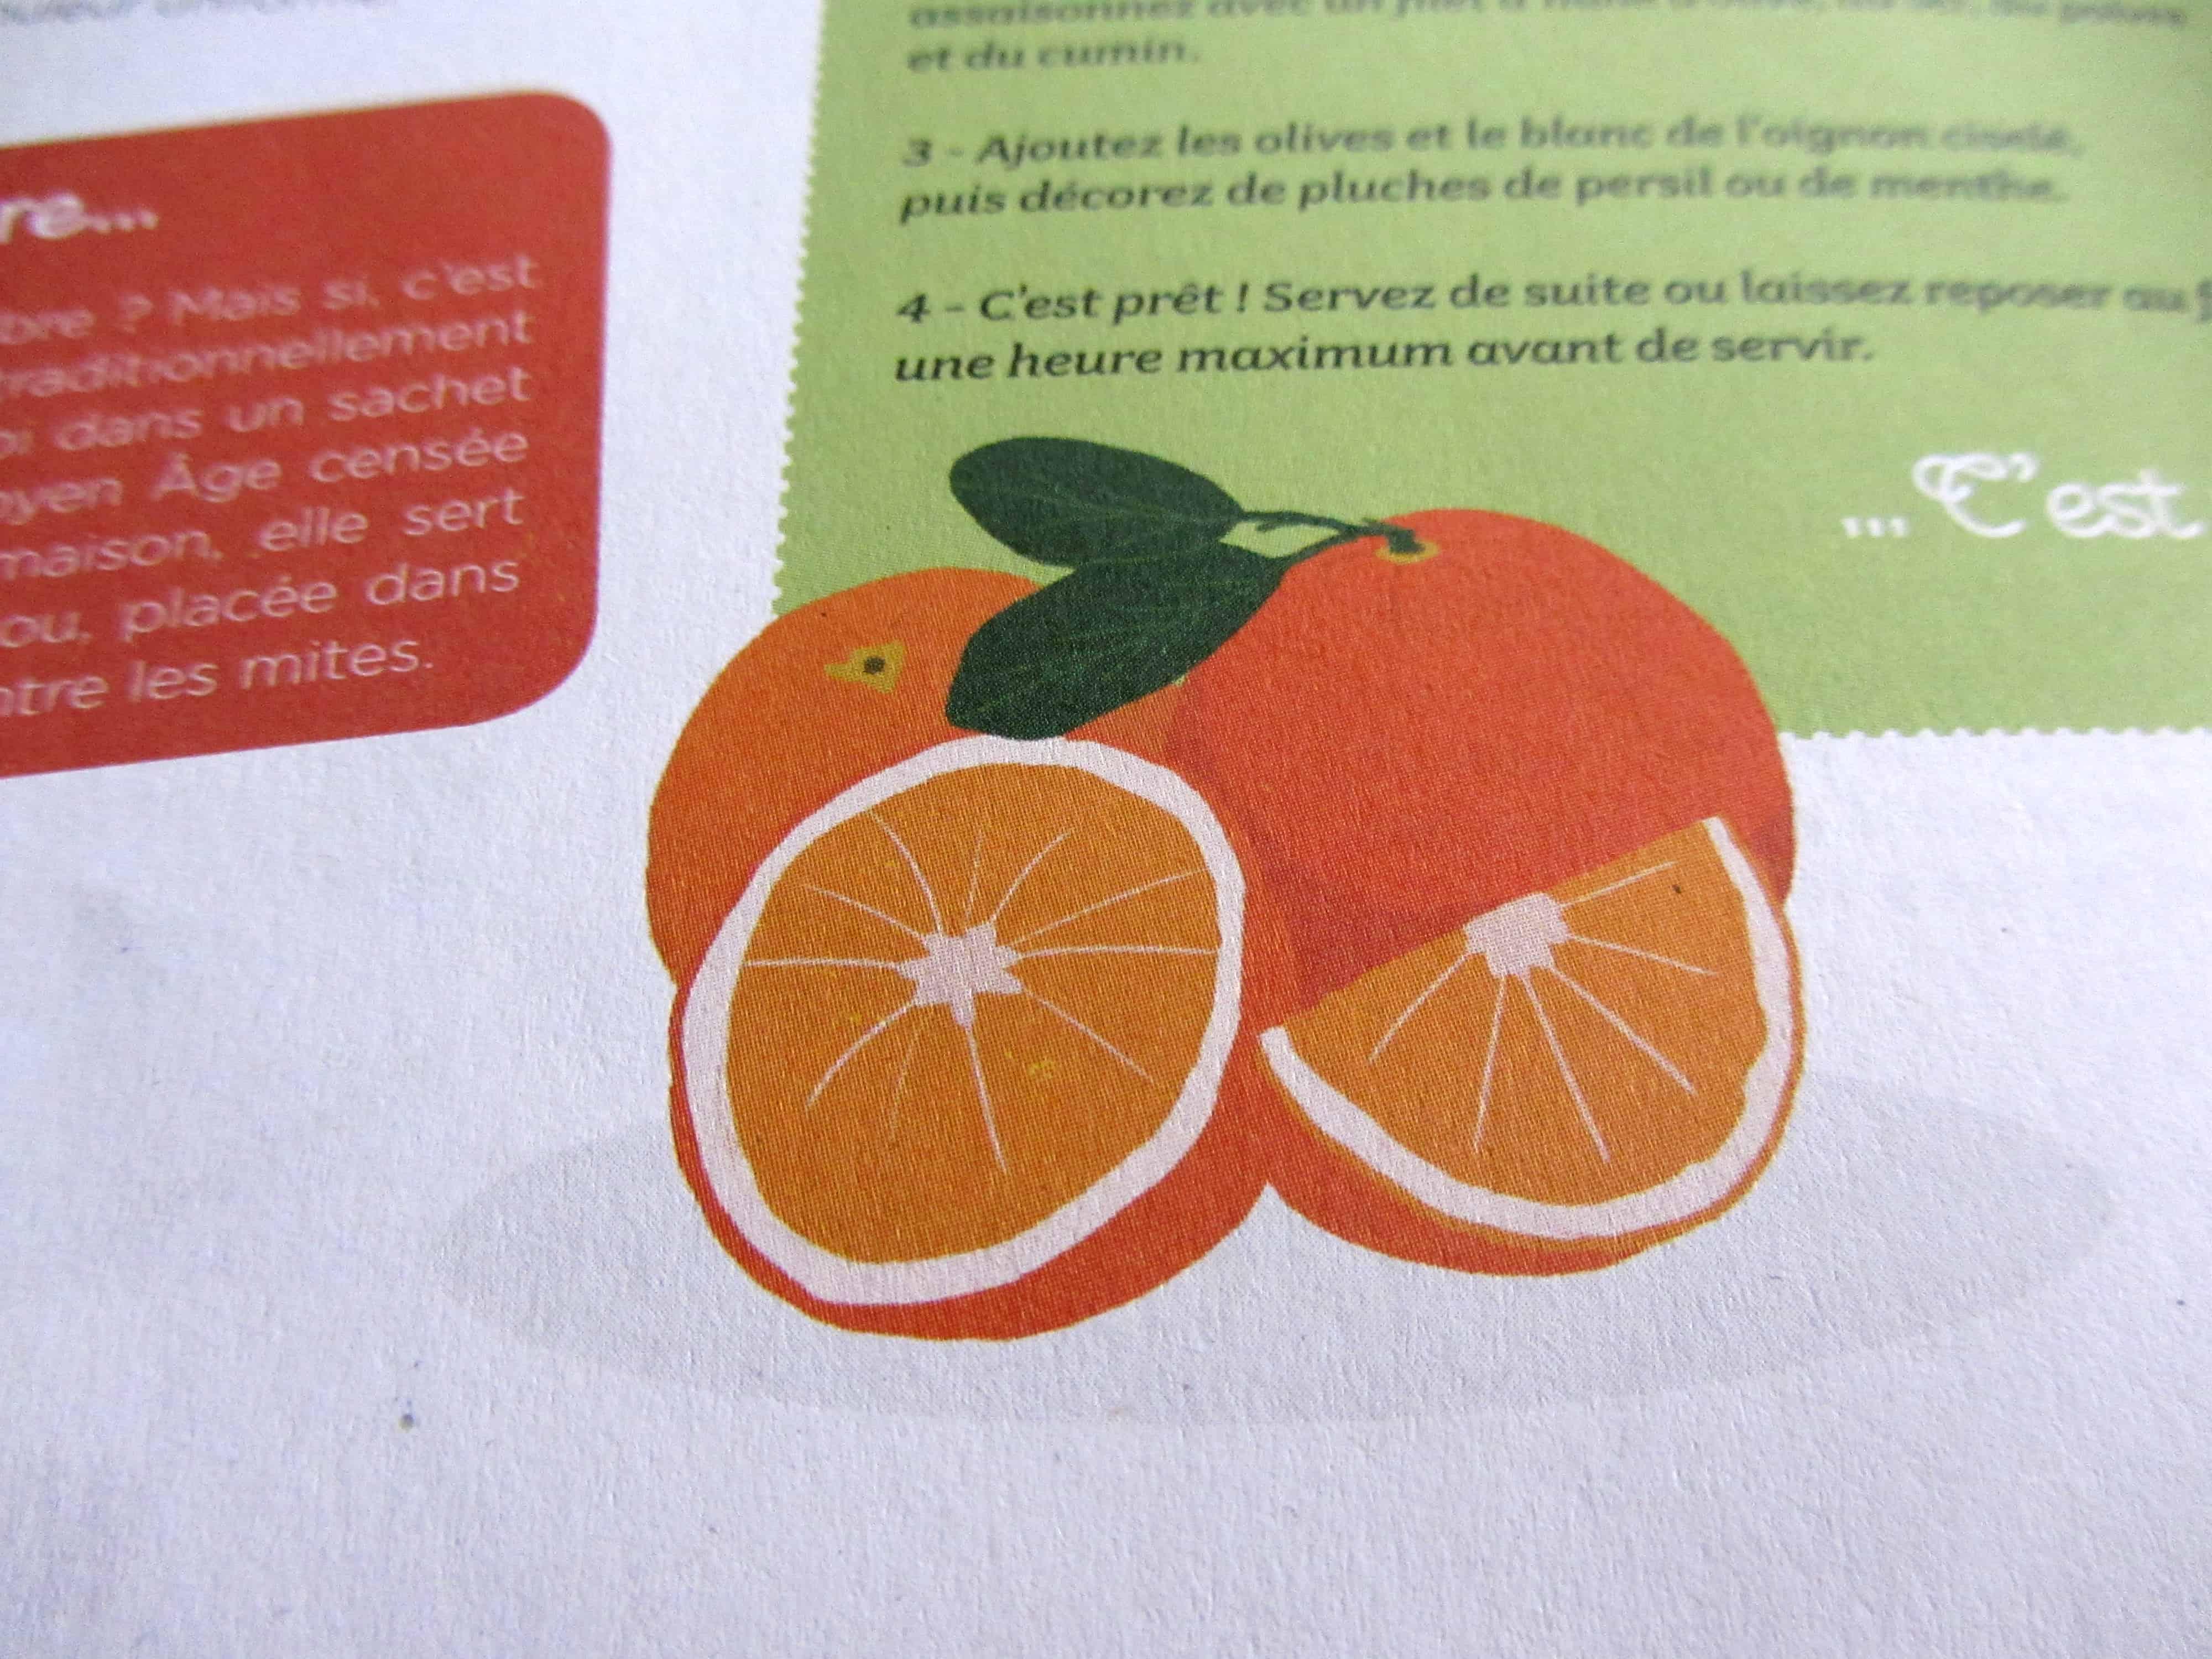 parution-illustration-rubrique-cest-de-saison-lorange-dans-le-magazine-bibouille-recette-dessin